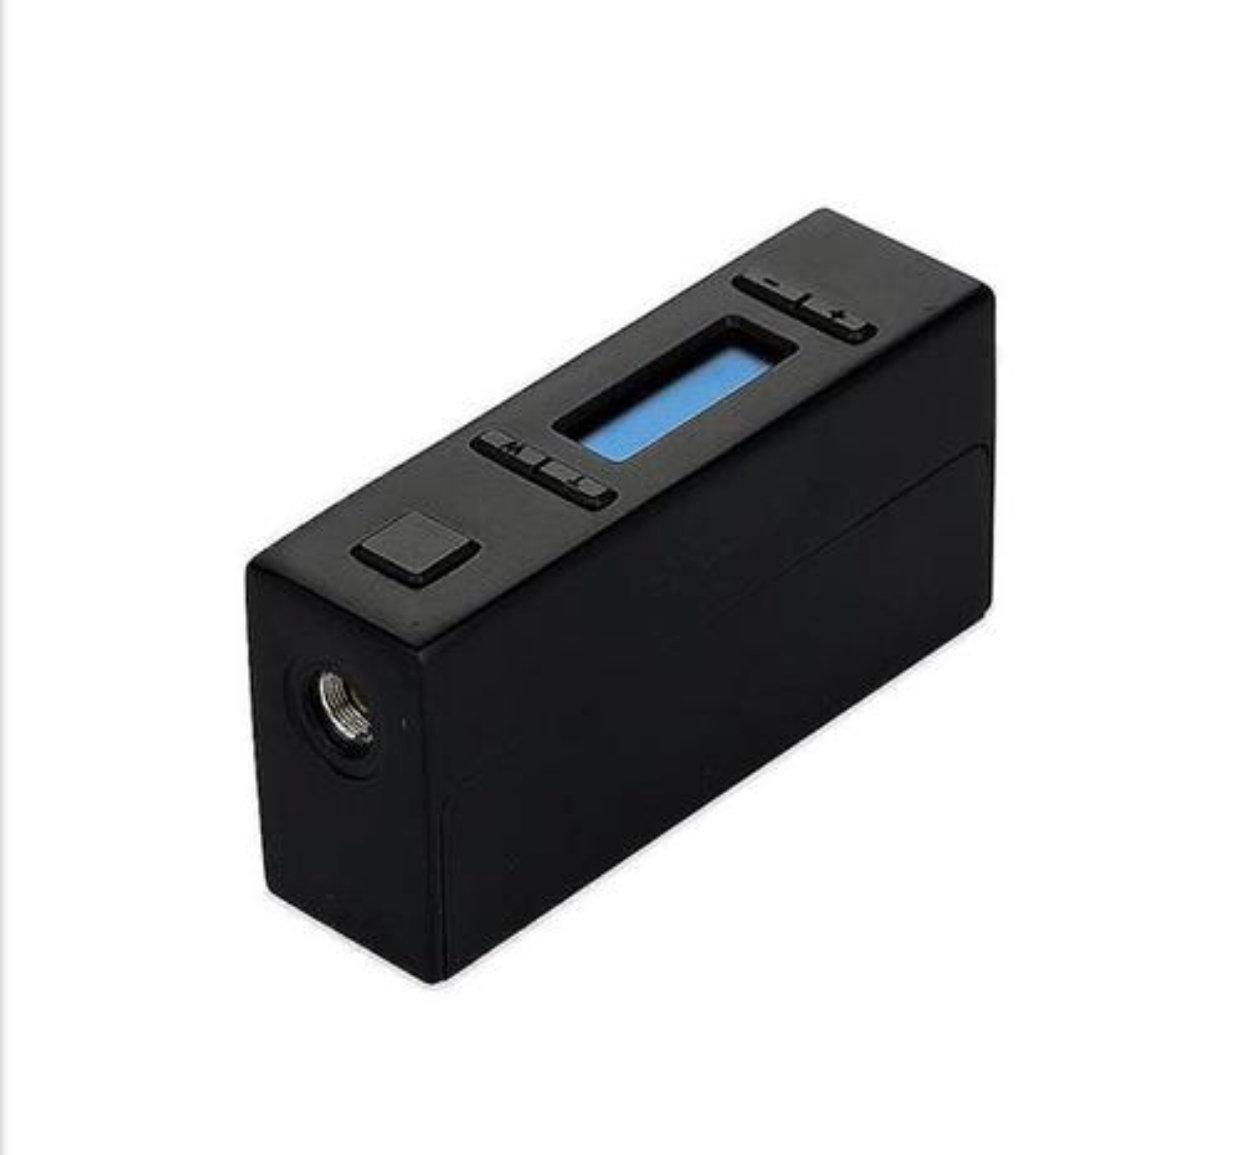 Genuine Aspire - NX75-Z 75W TC Box Mod